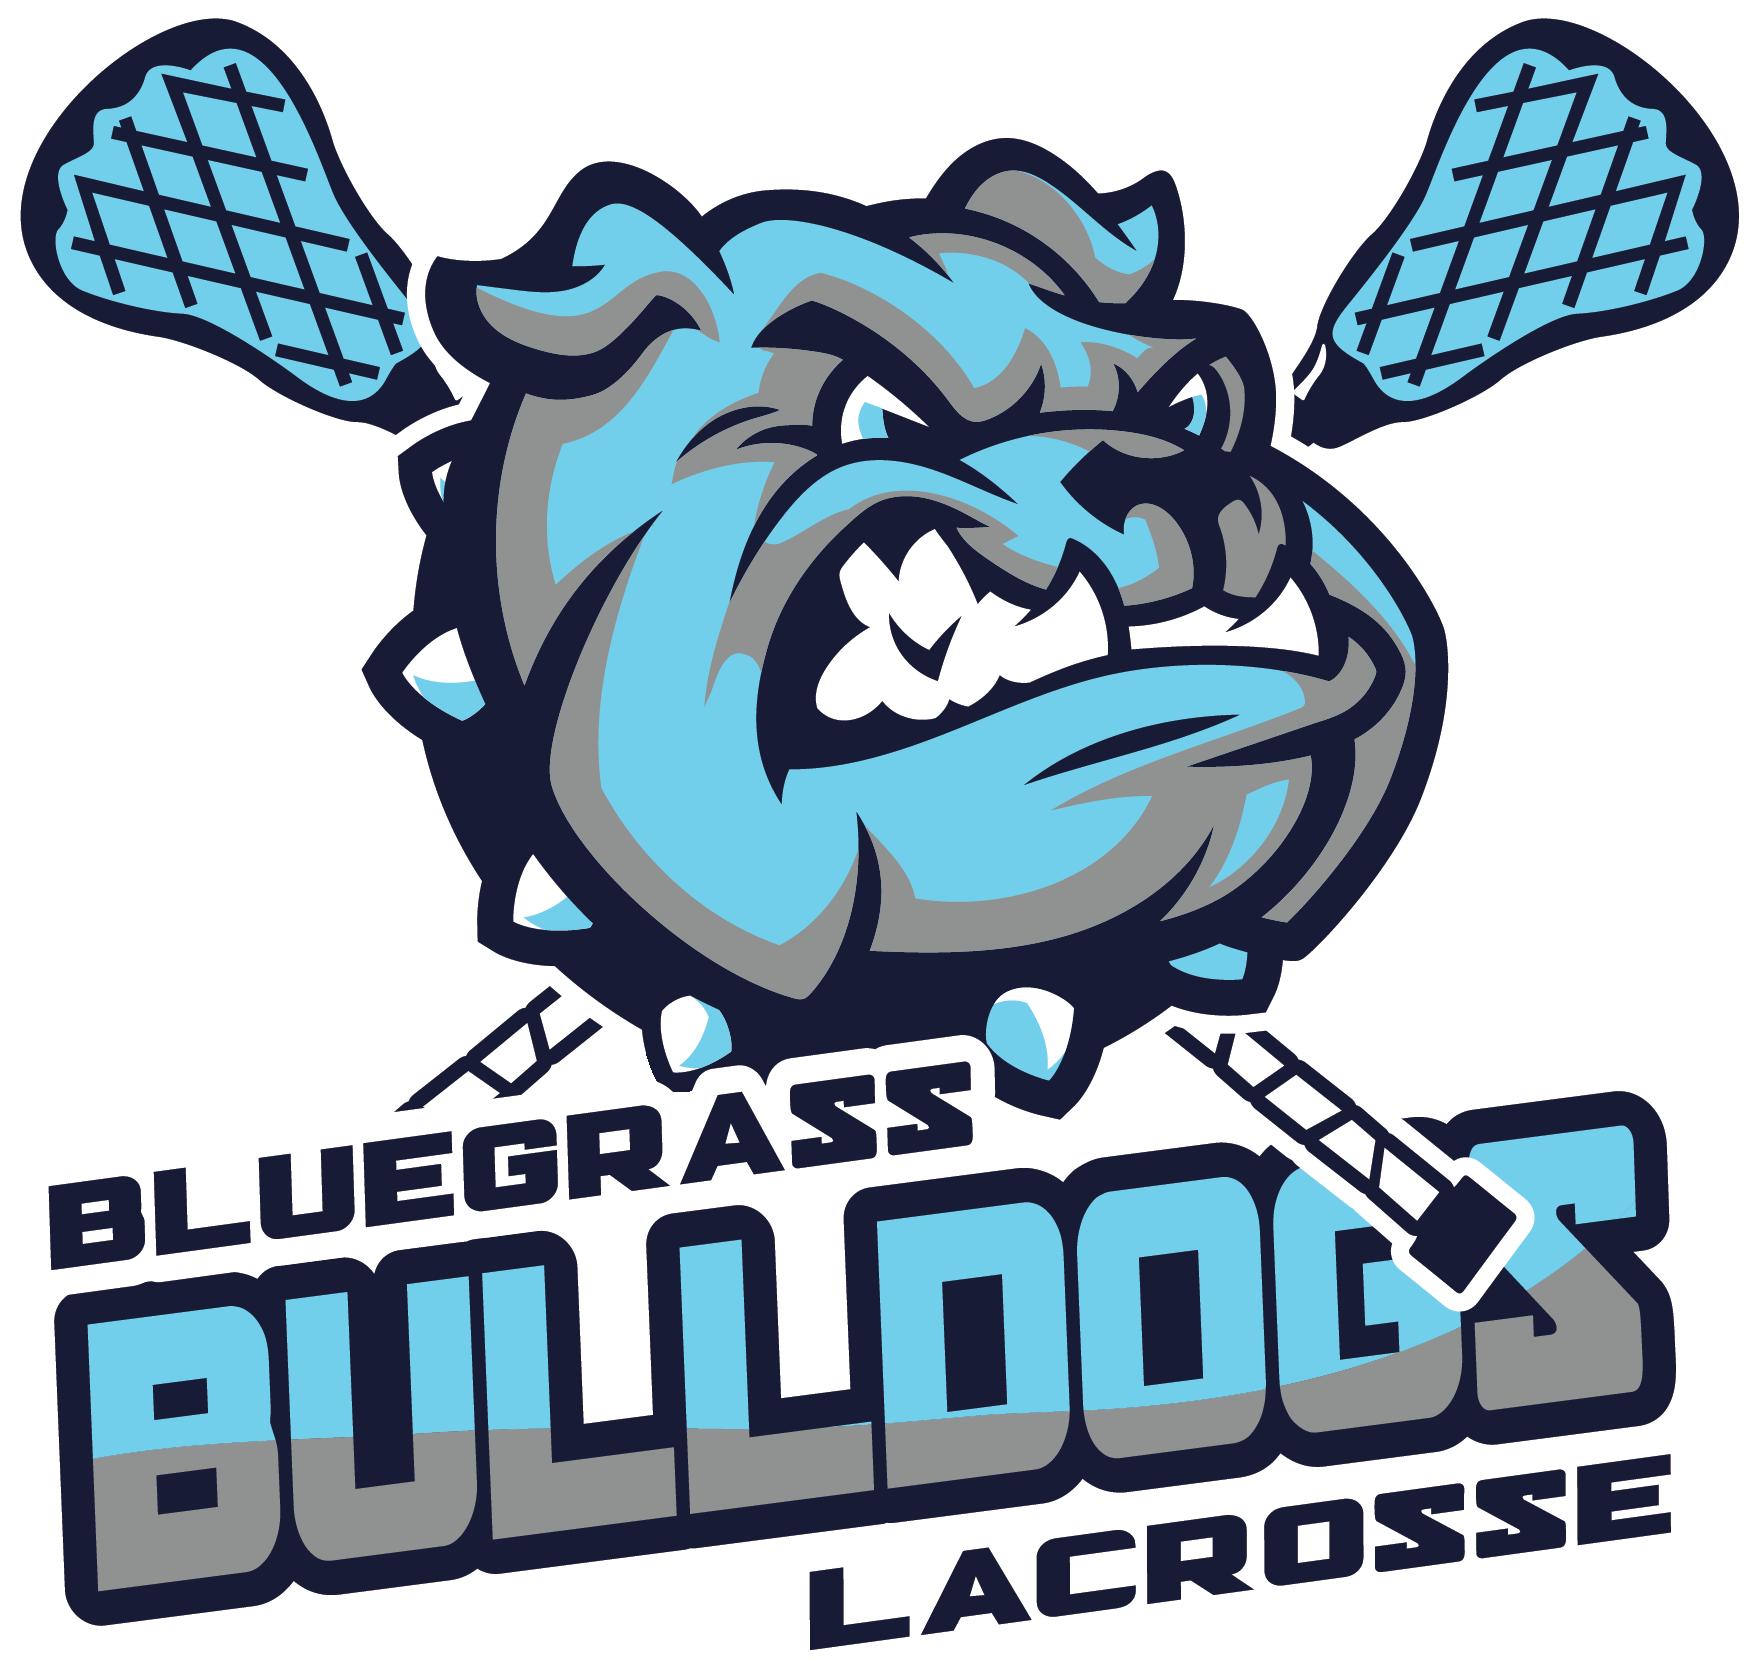 Bluegrass Bulldogs Lacrosse logo